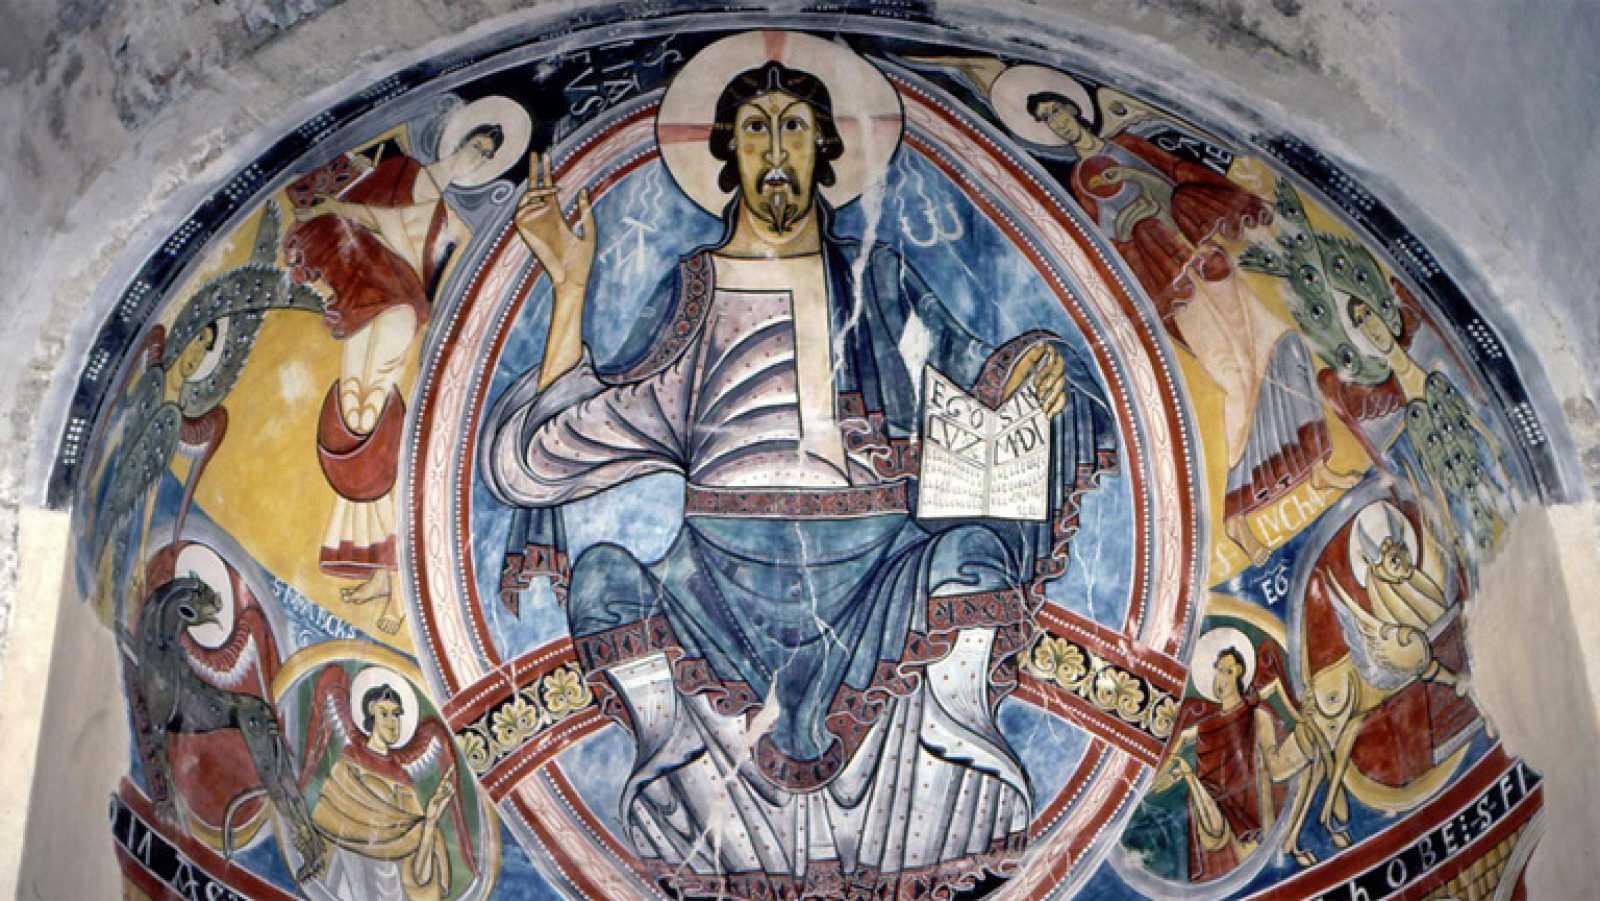 Mirar Un Cuadro Frescos De San Clemente De Tahull Anonimo Siglo Xii